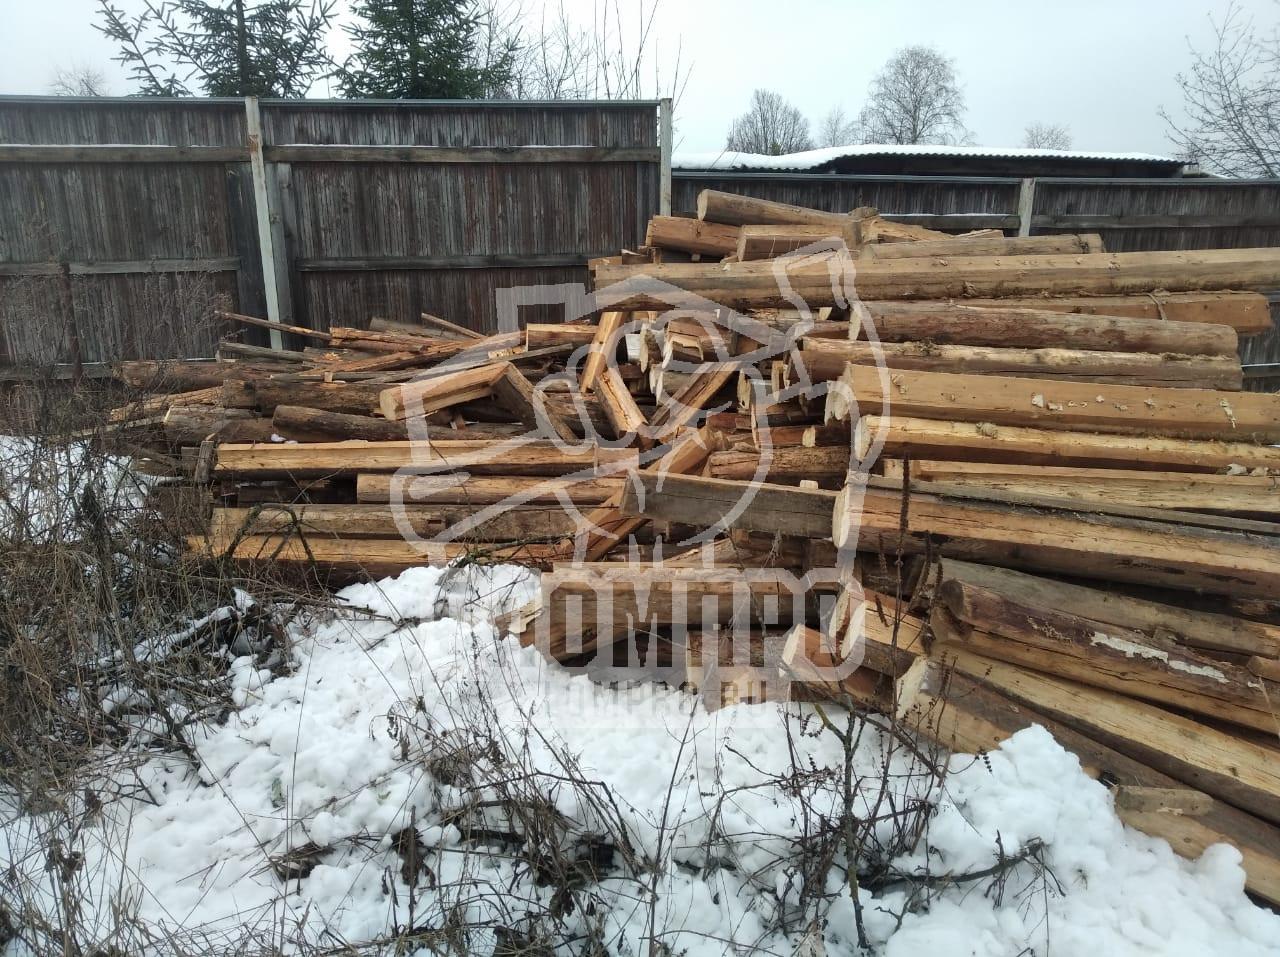 Складированные бревна на участке после демонтажных работ